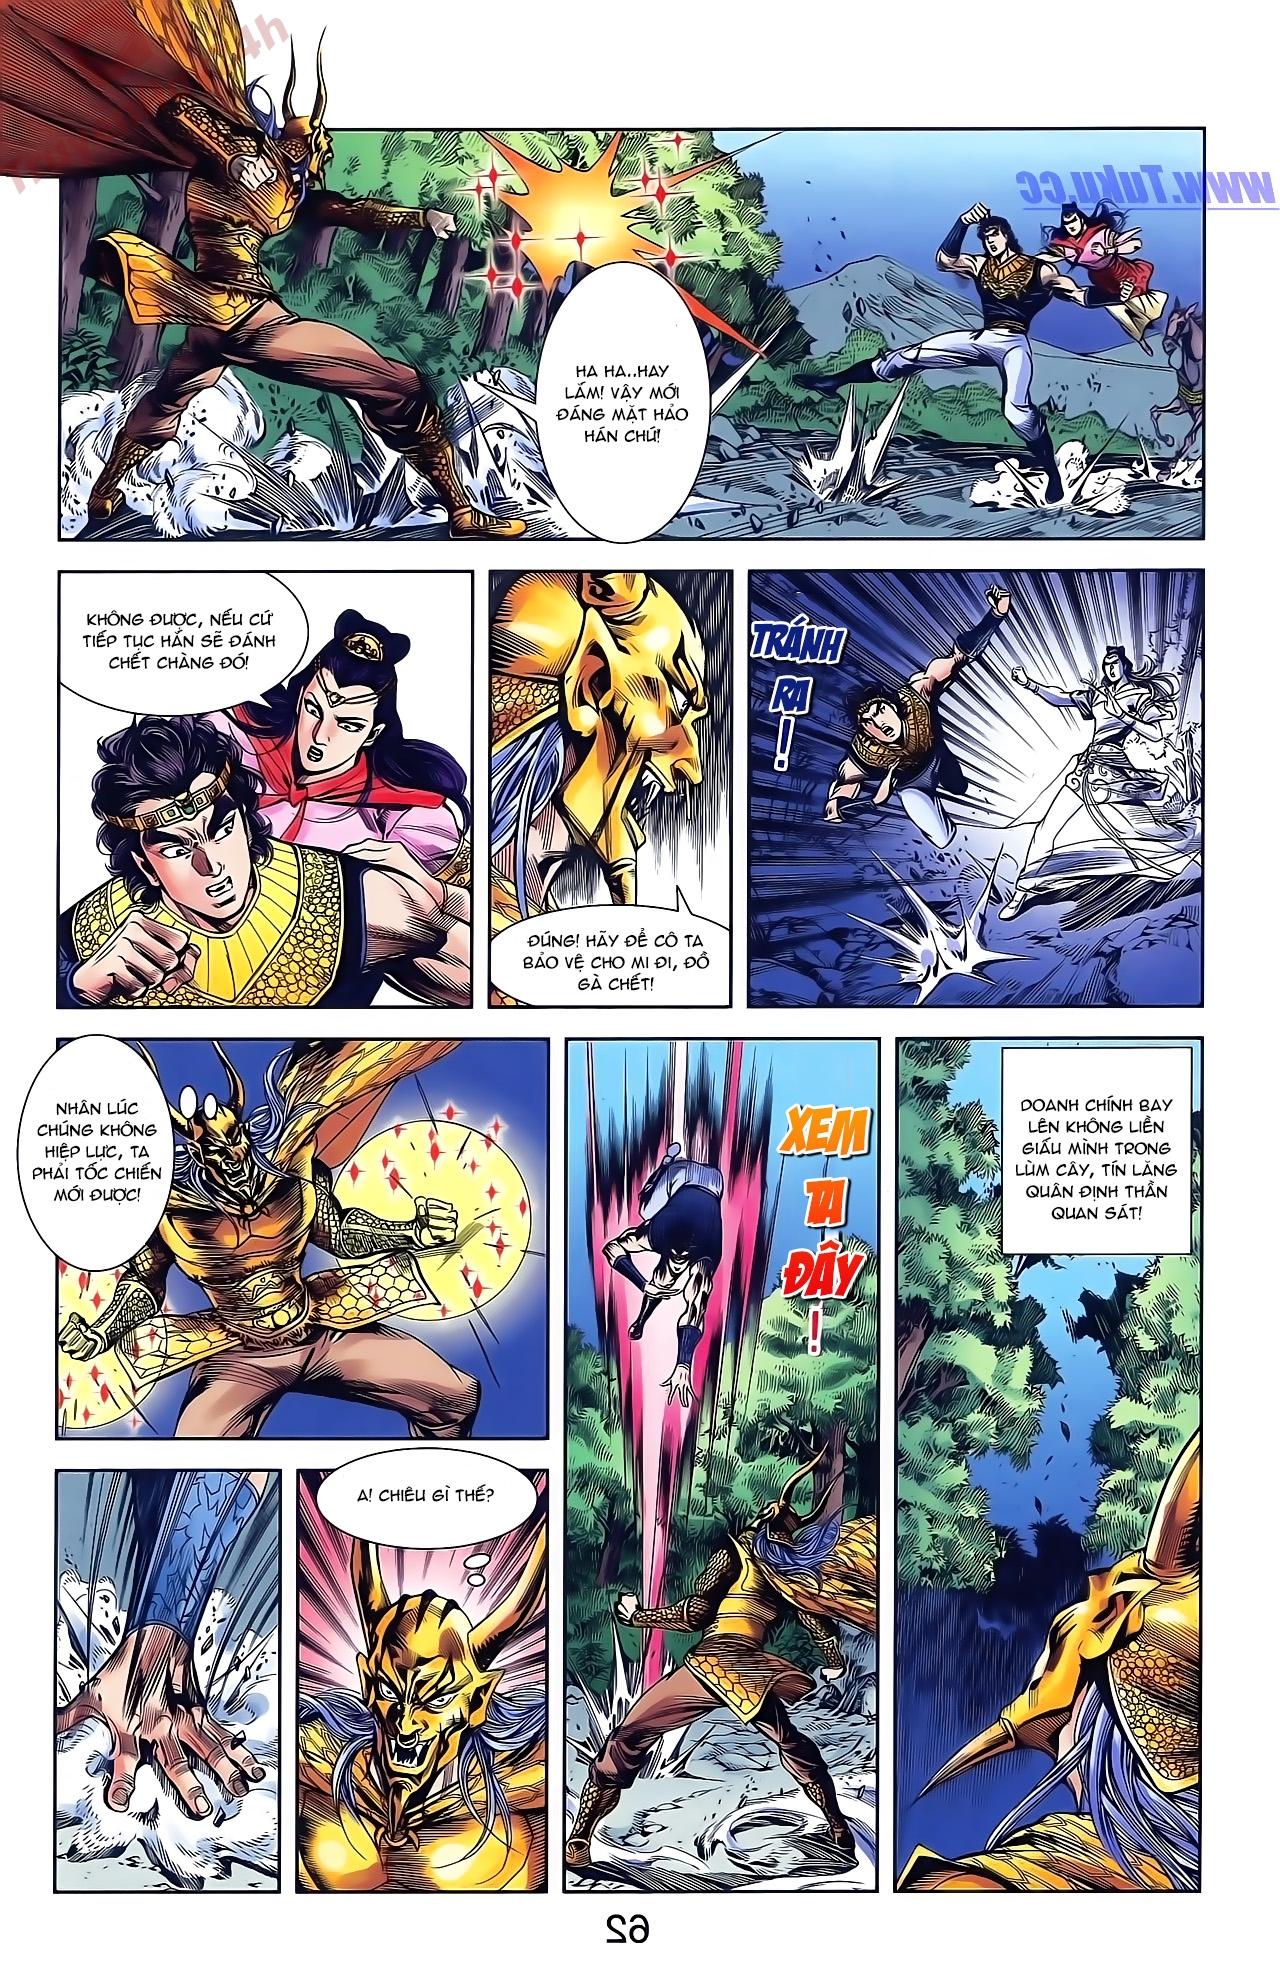 Tần Vương Doanh Chính chapter 49 trang 16